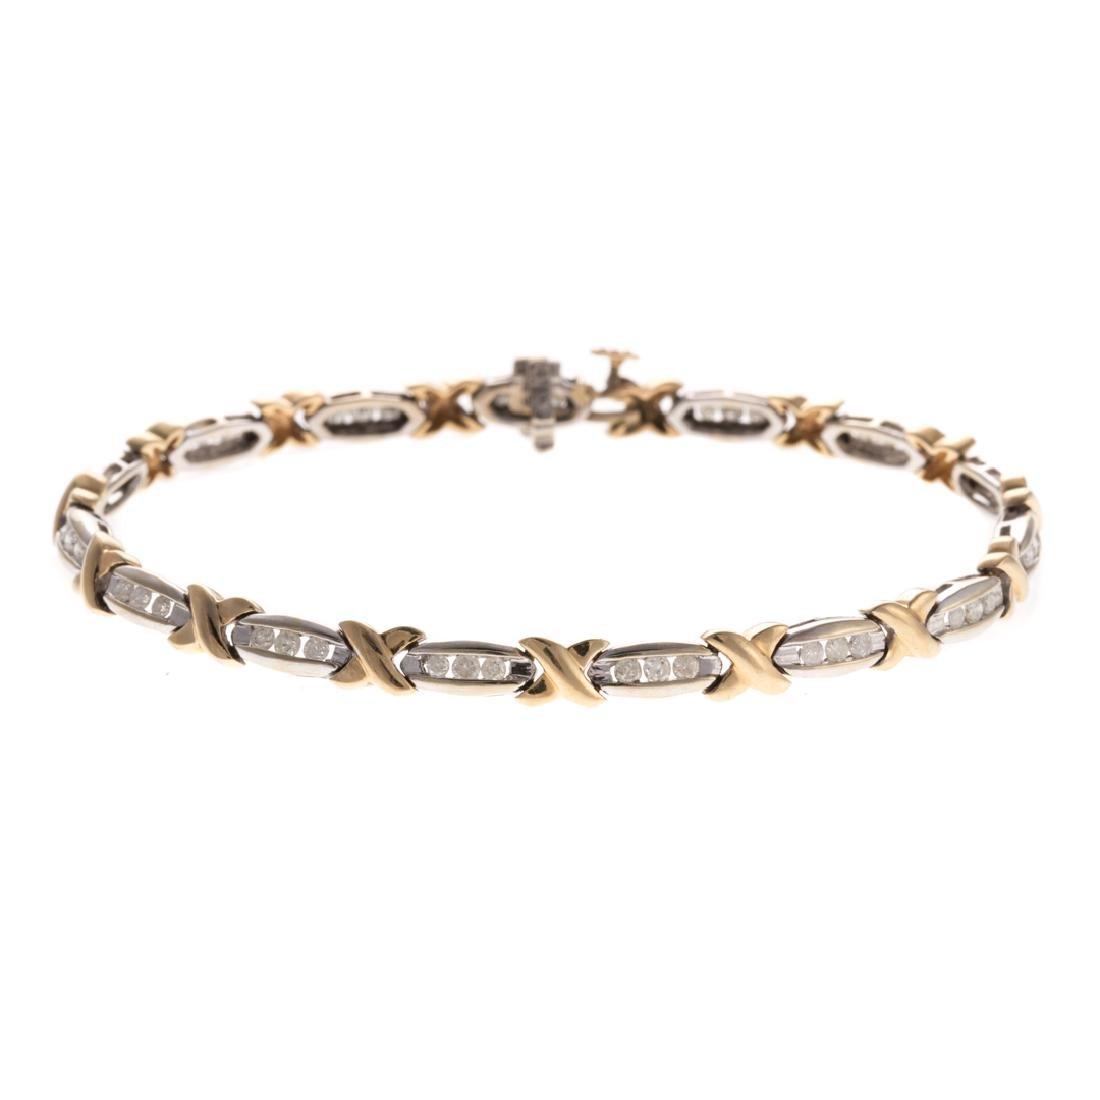 A Lady's Channel Set Diamond X Bracelet in 14K